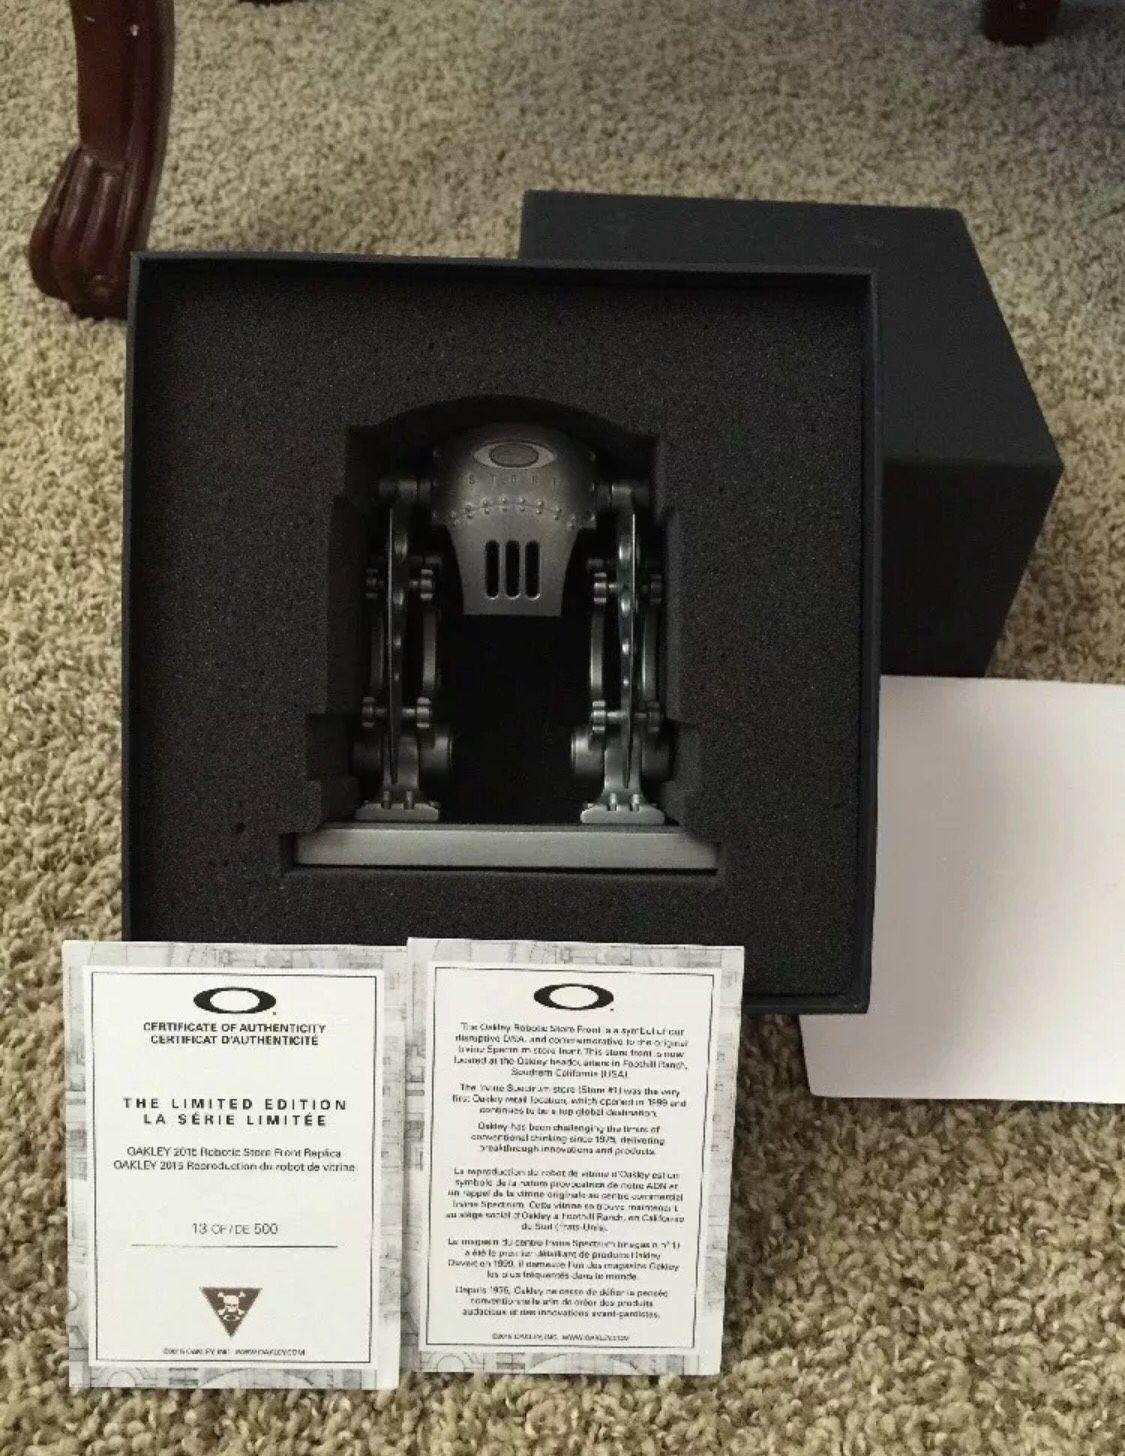 Trading Robot # 13 for Carbon Money Clip - bf146d7003f3e9074c4cf2a260218957.jpg